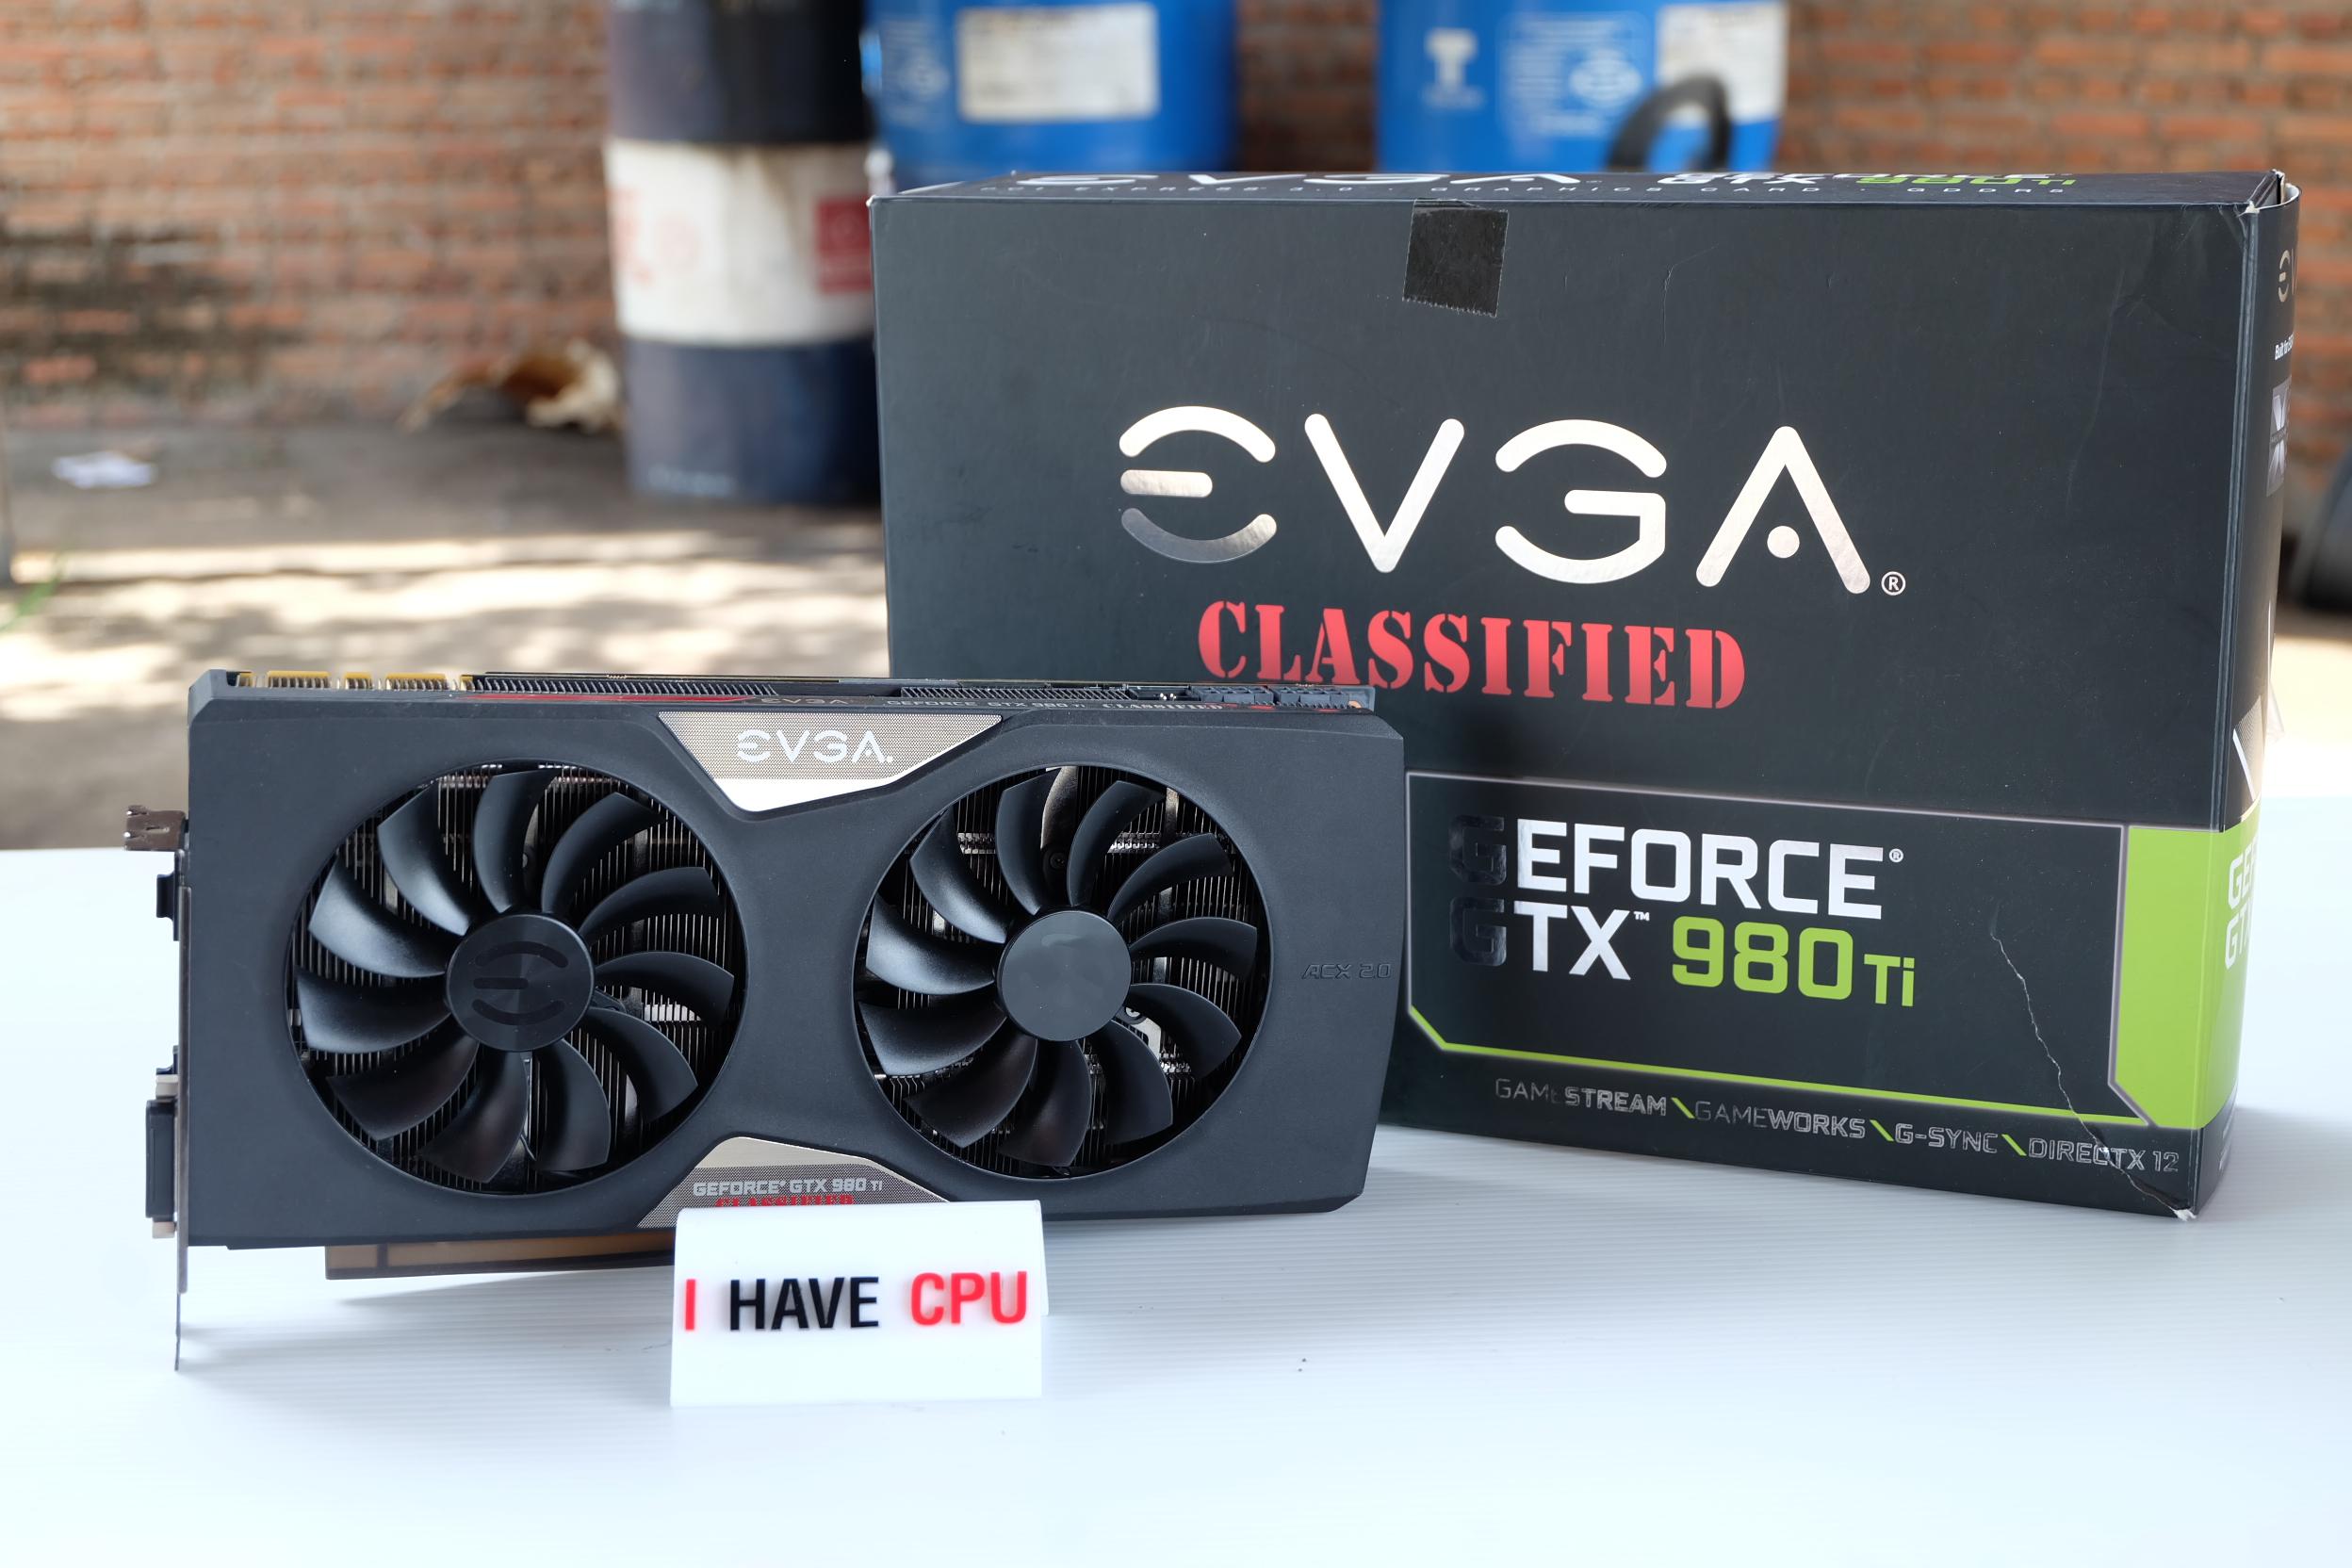 EVGA GeForce GTX 980 Ti CLASSIFIED